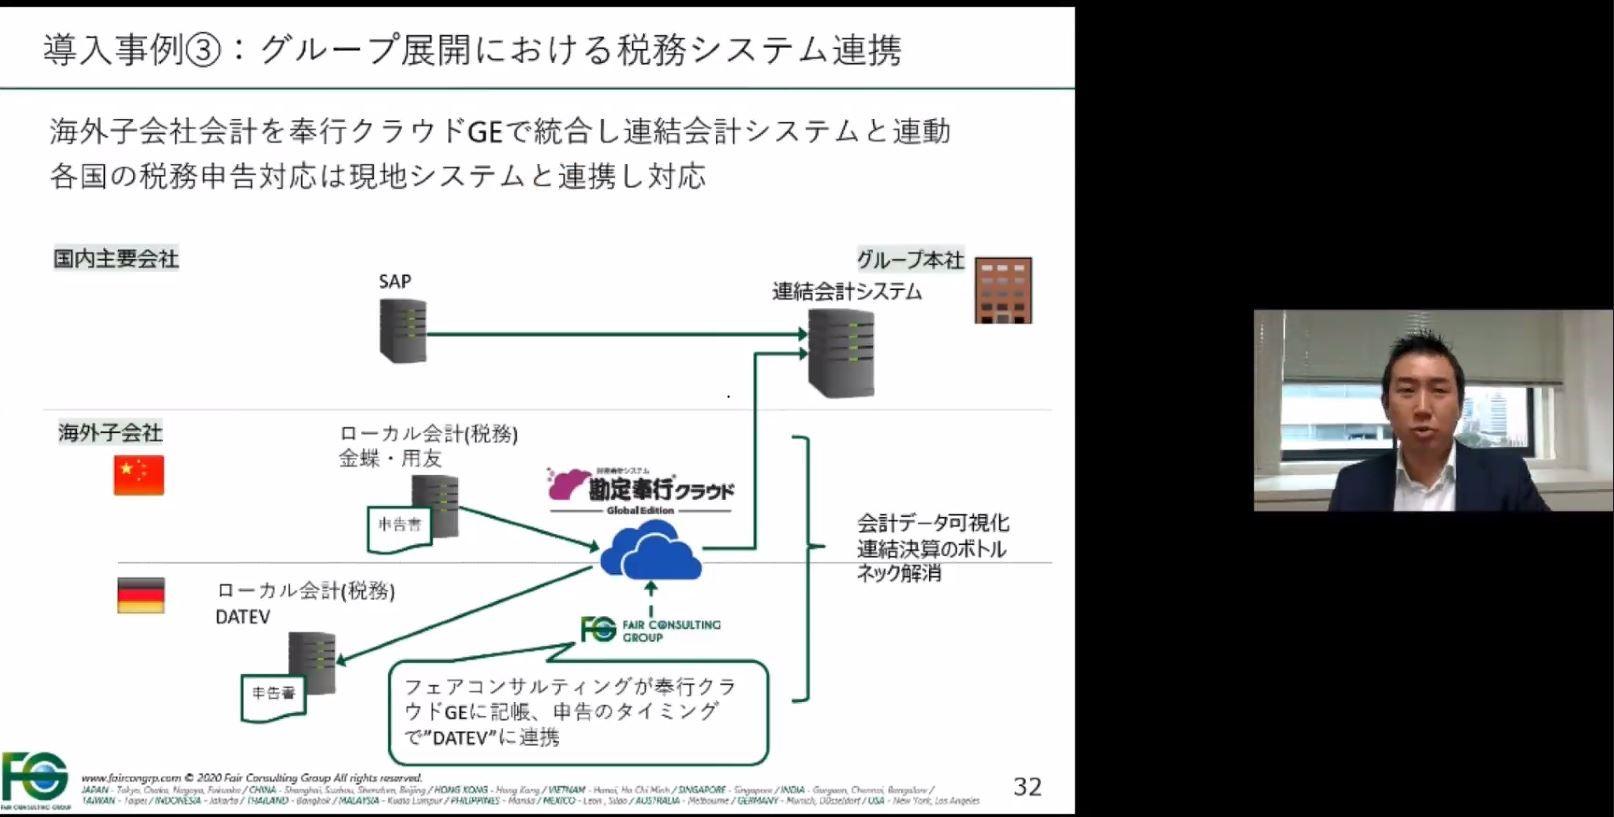 現地システムとの併用モデル